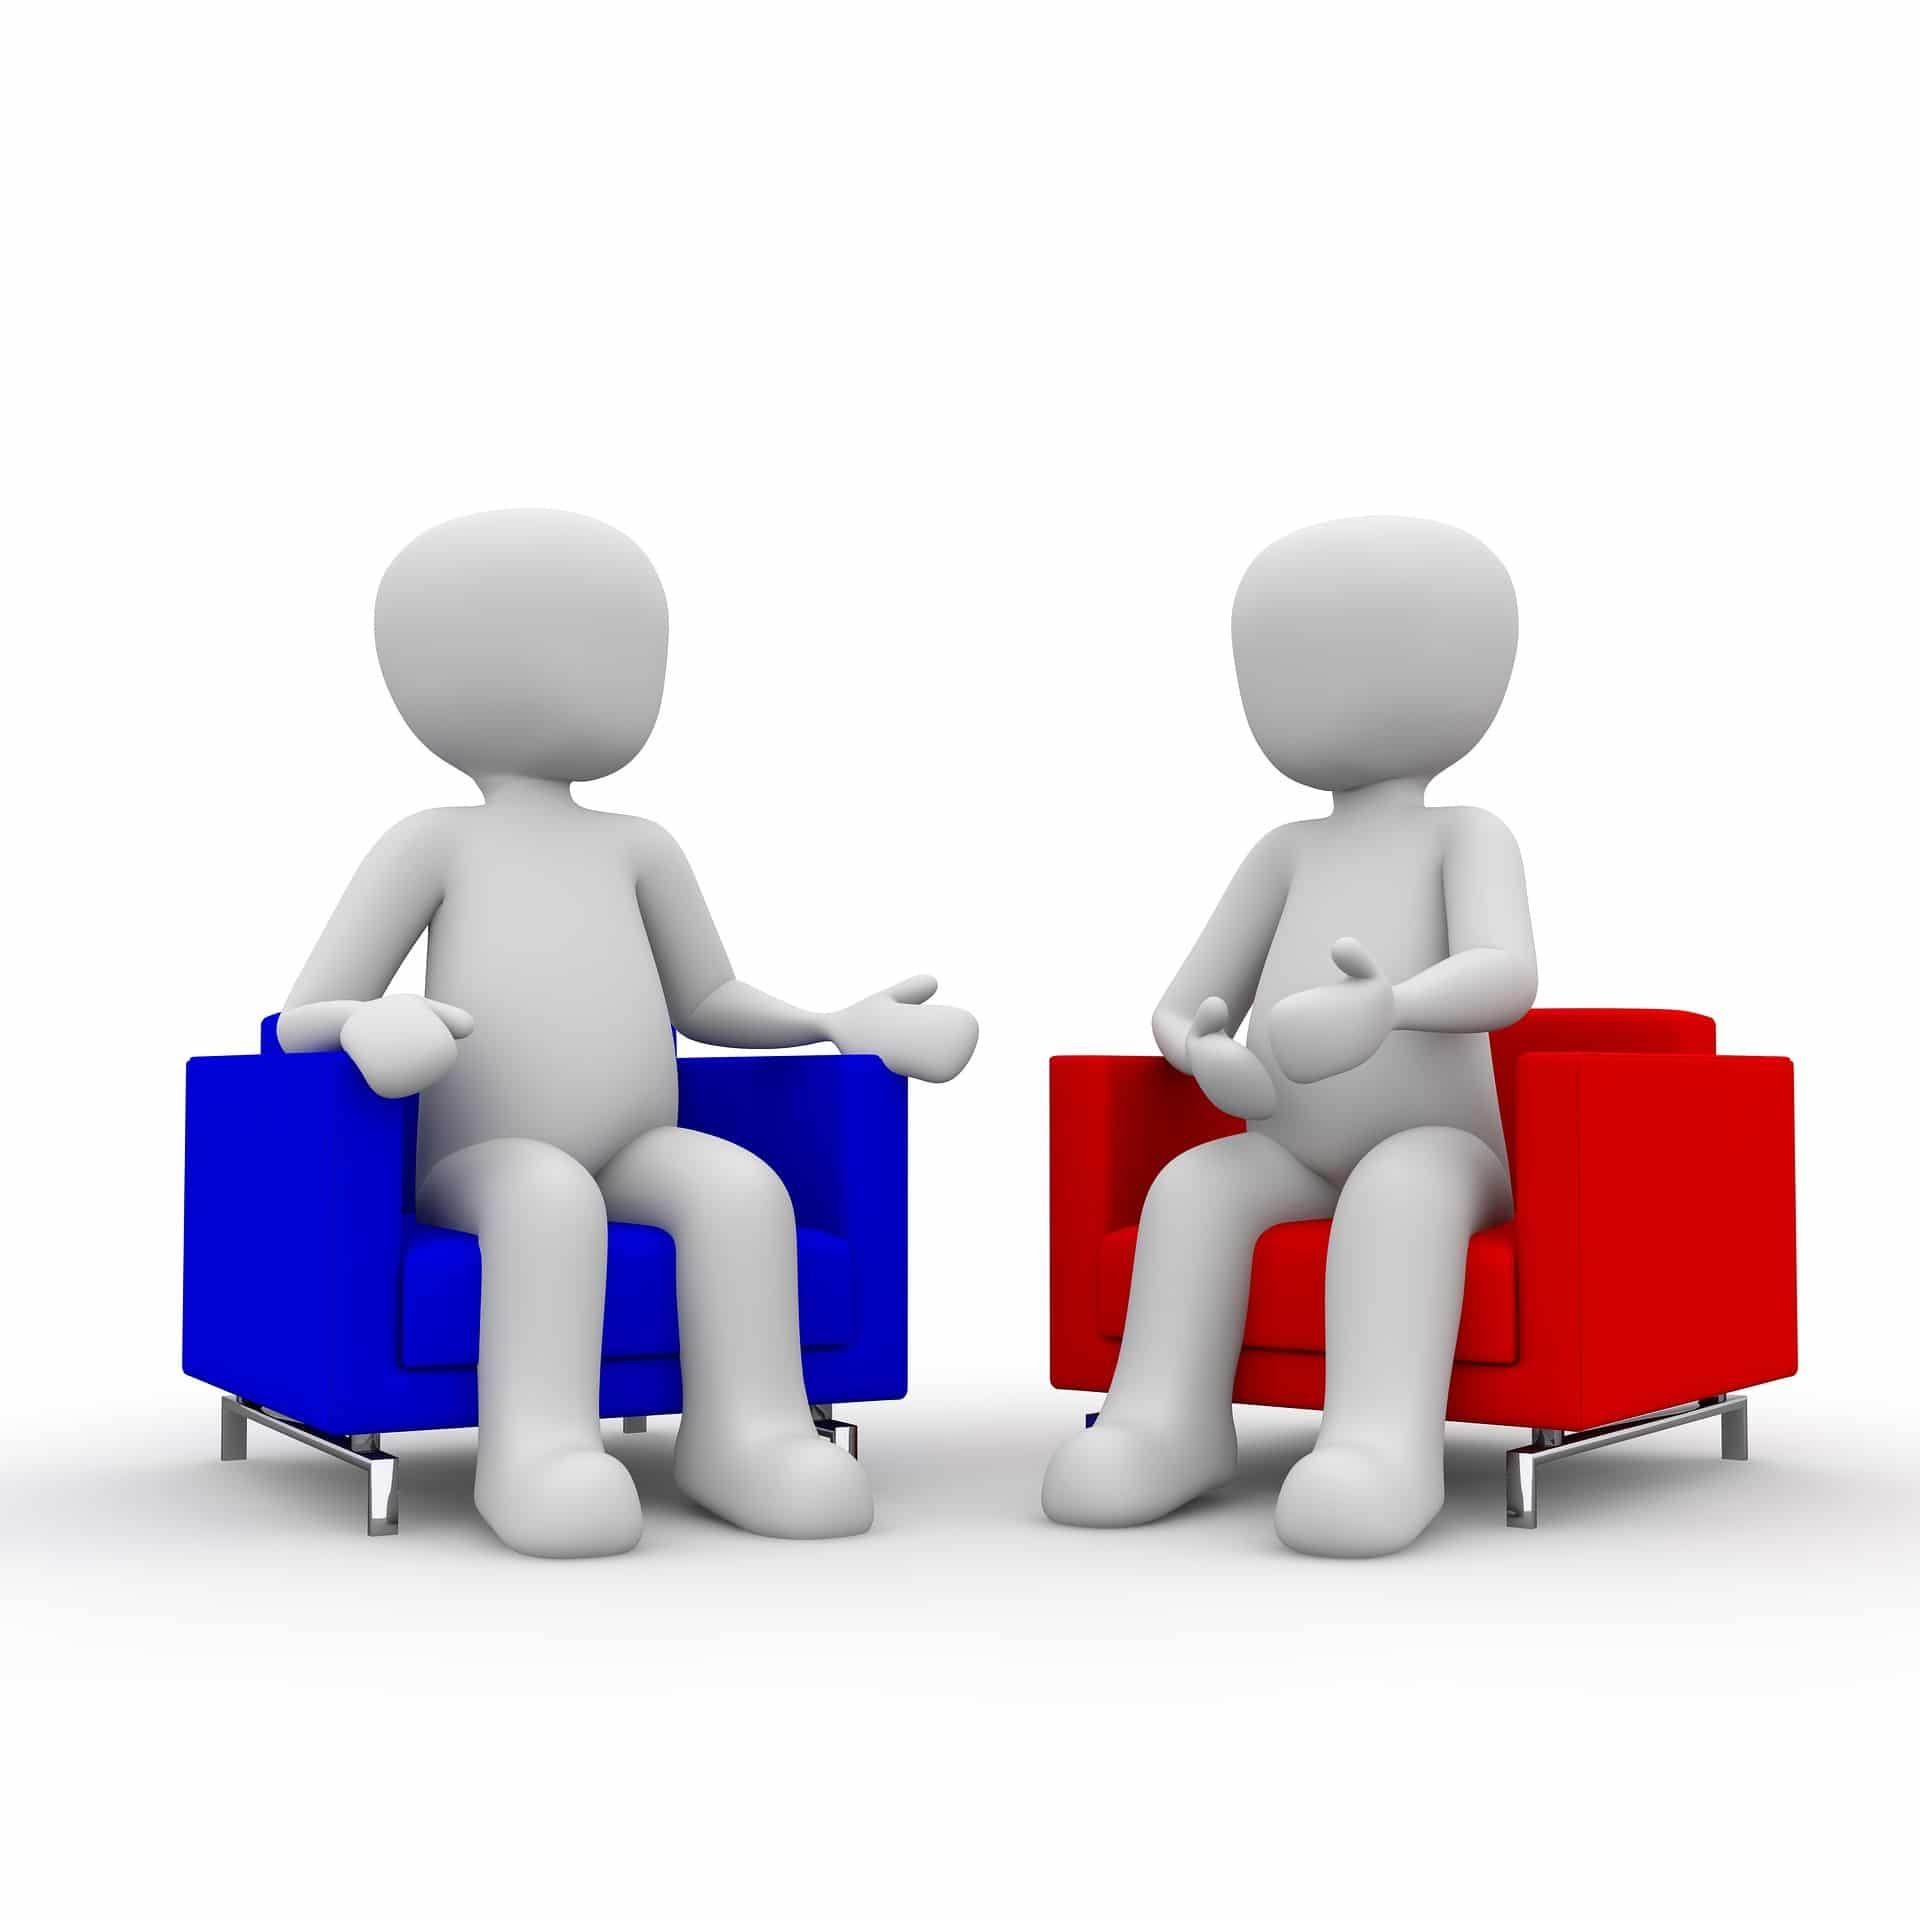 meeting-1002800_1920 (2)